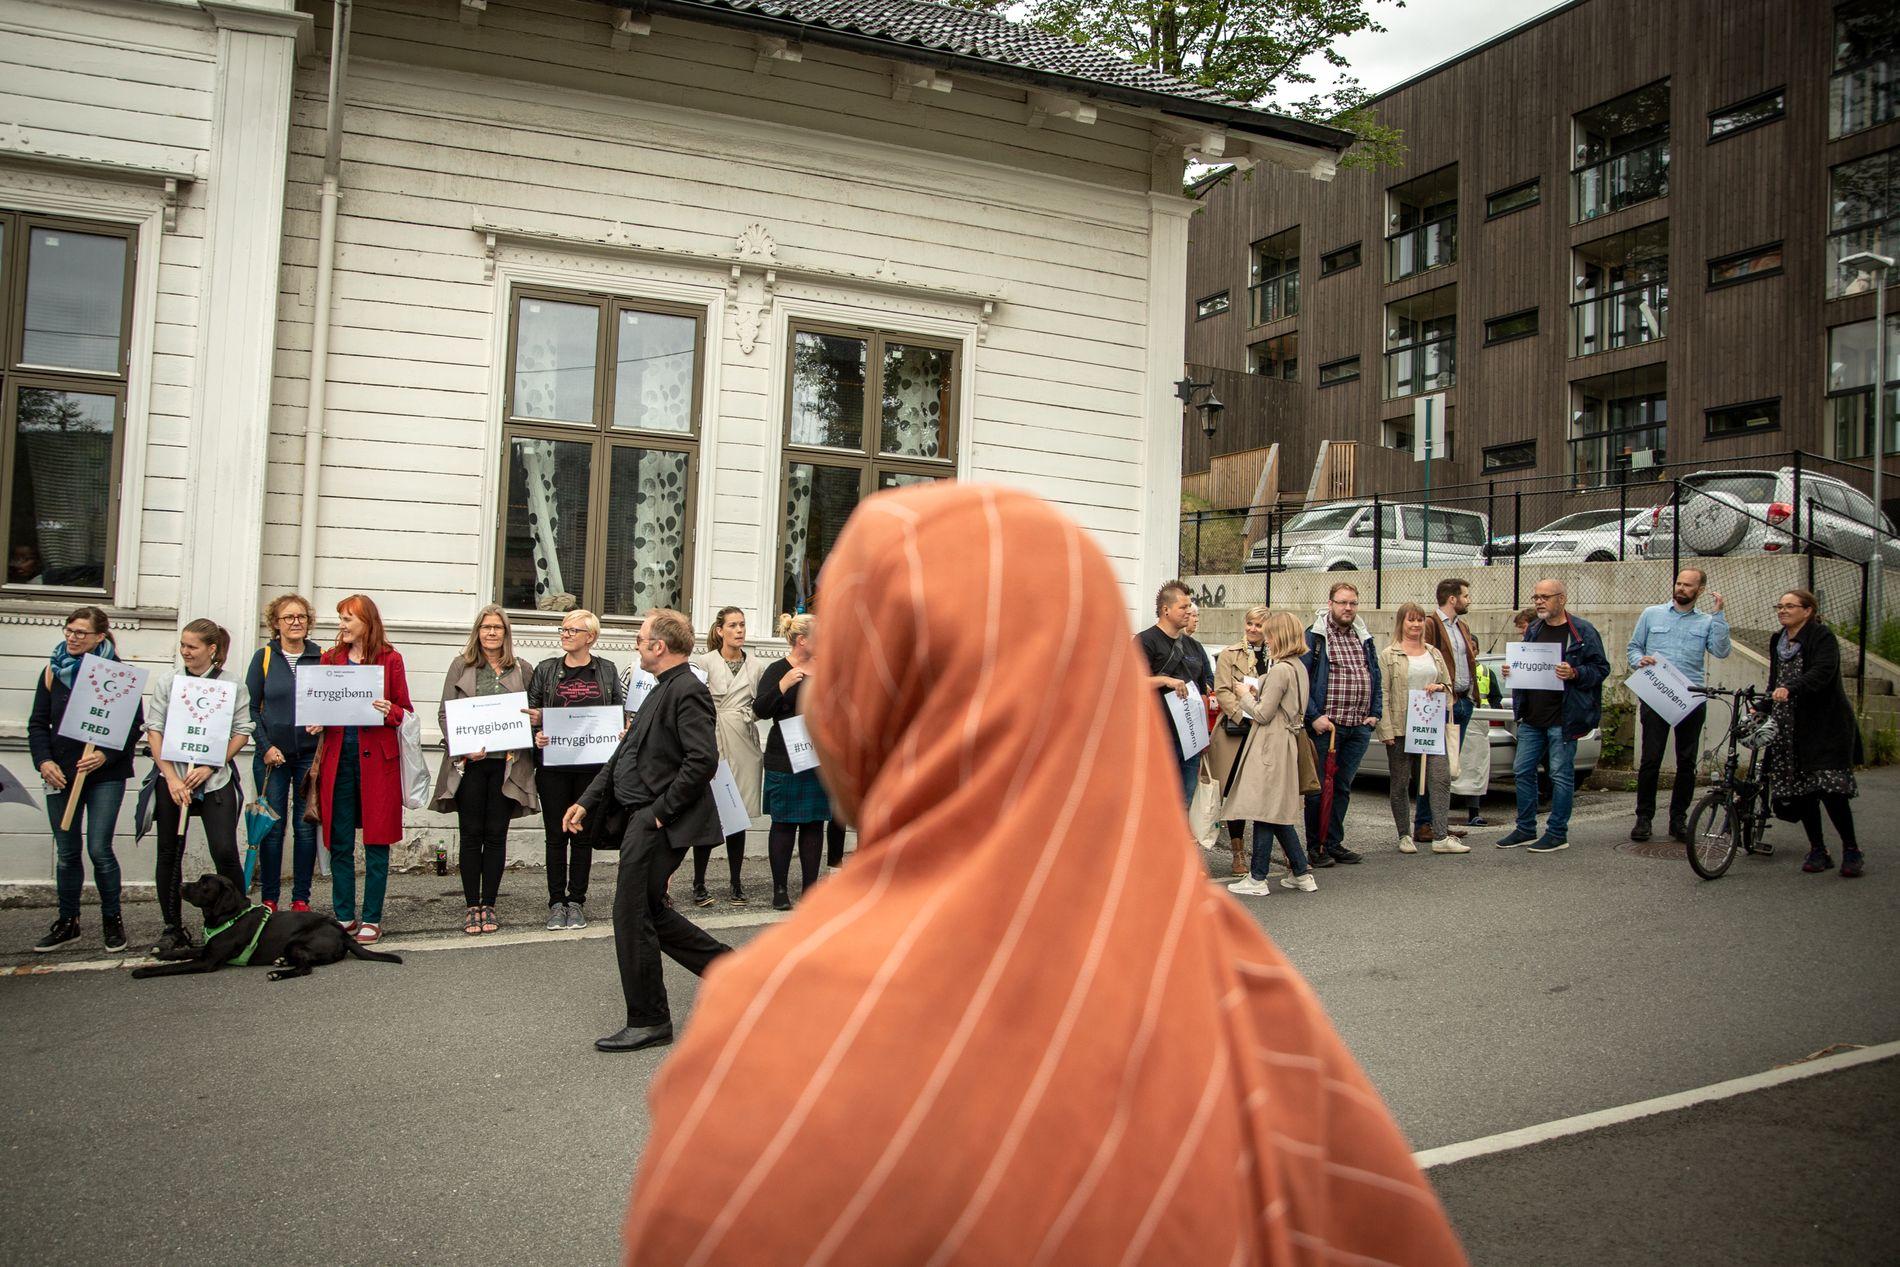 STØTTE: Rundt hundre personer hadde møtt opp for å vise sin støtte til Bergens muslimske befolkning.